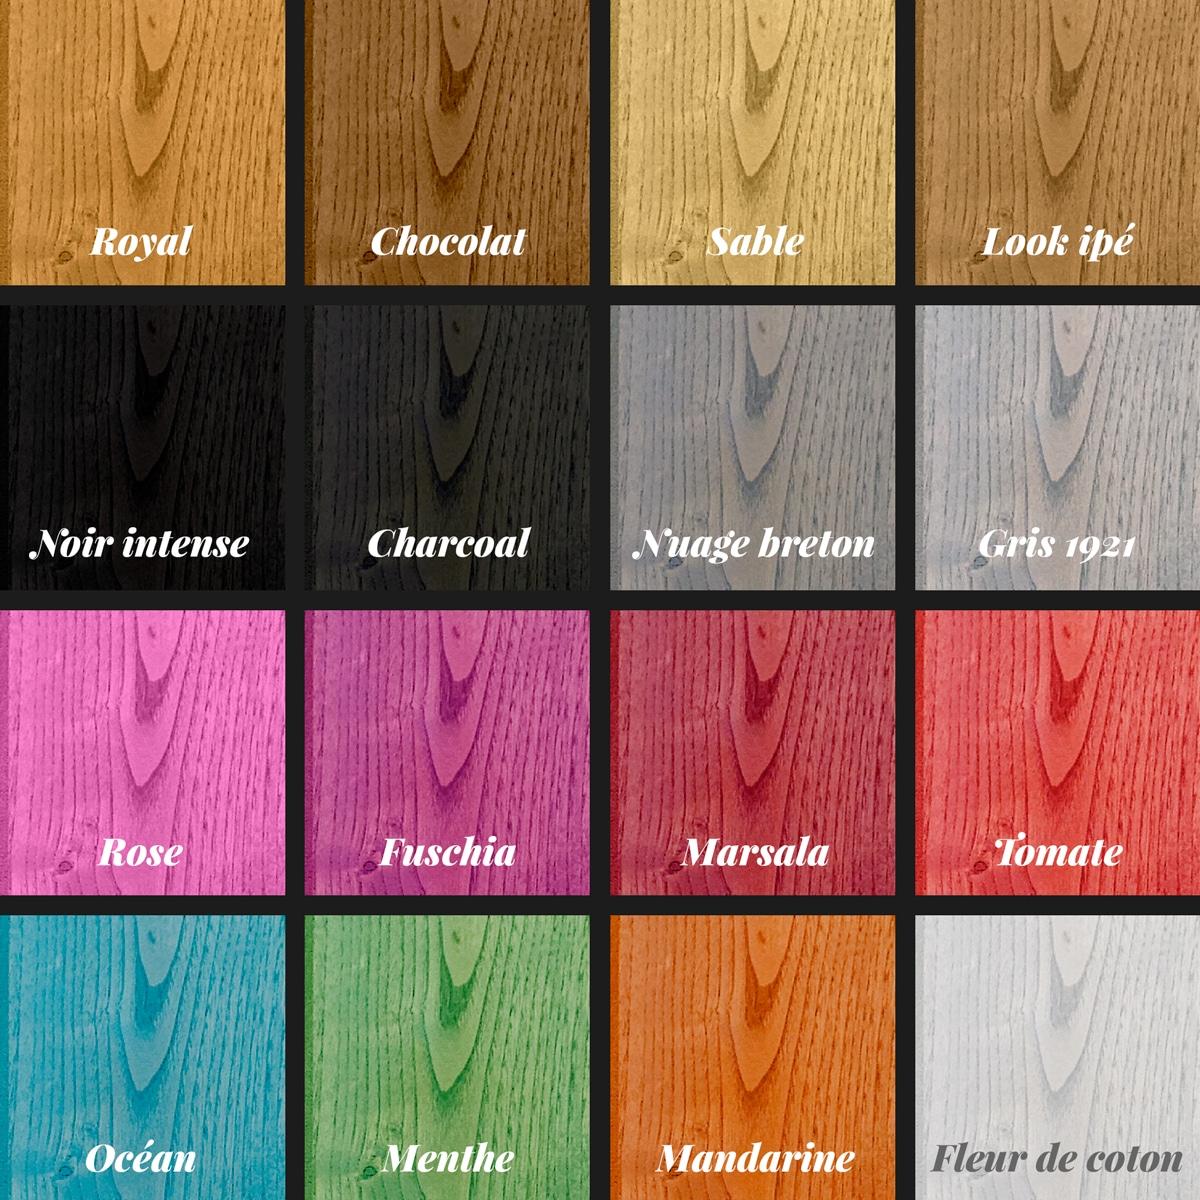 un bardage bois color imaginez avec la gamme r v l e de. Black Bedroom Furniture Sets. Home Design Ideas